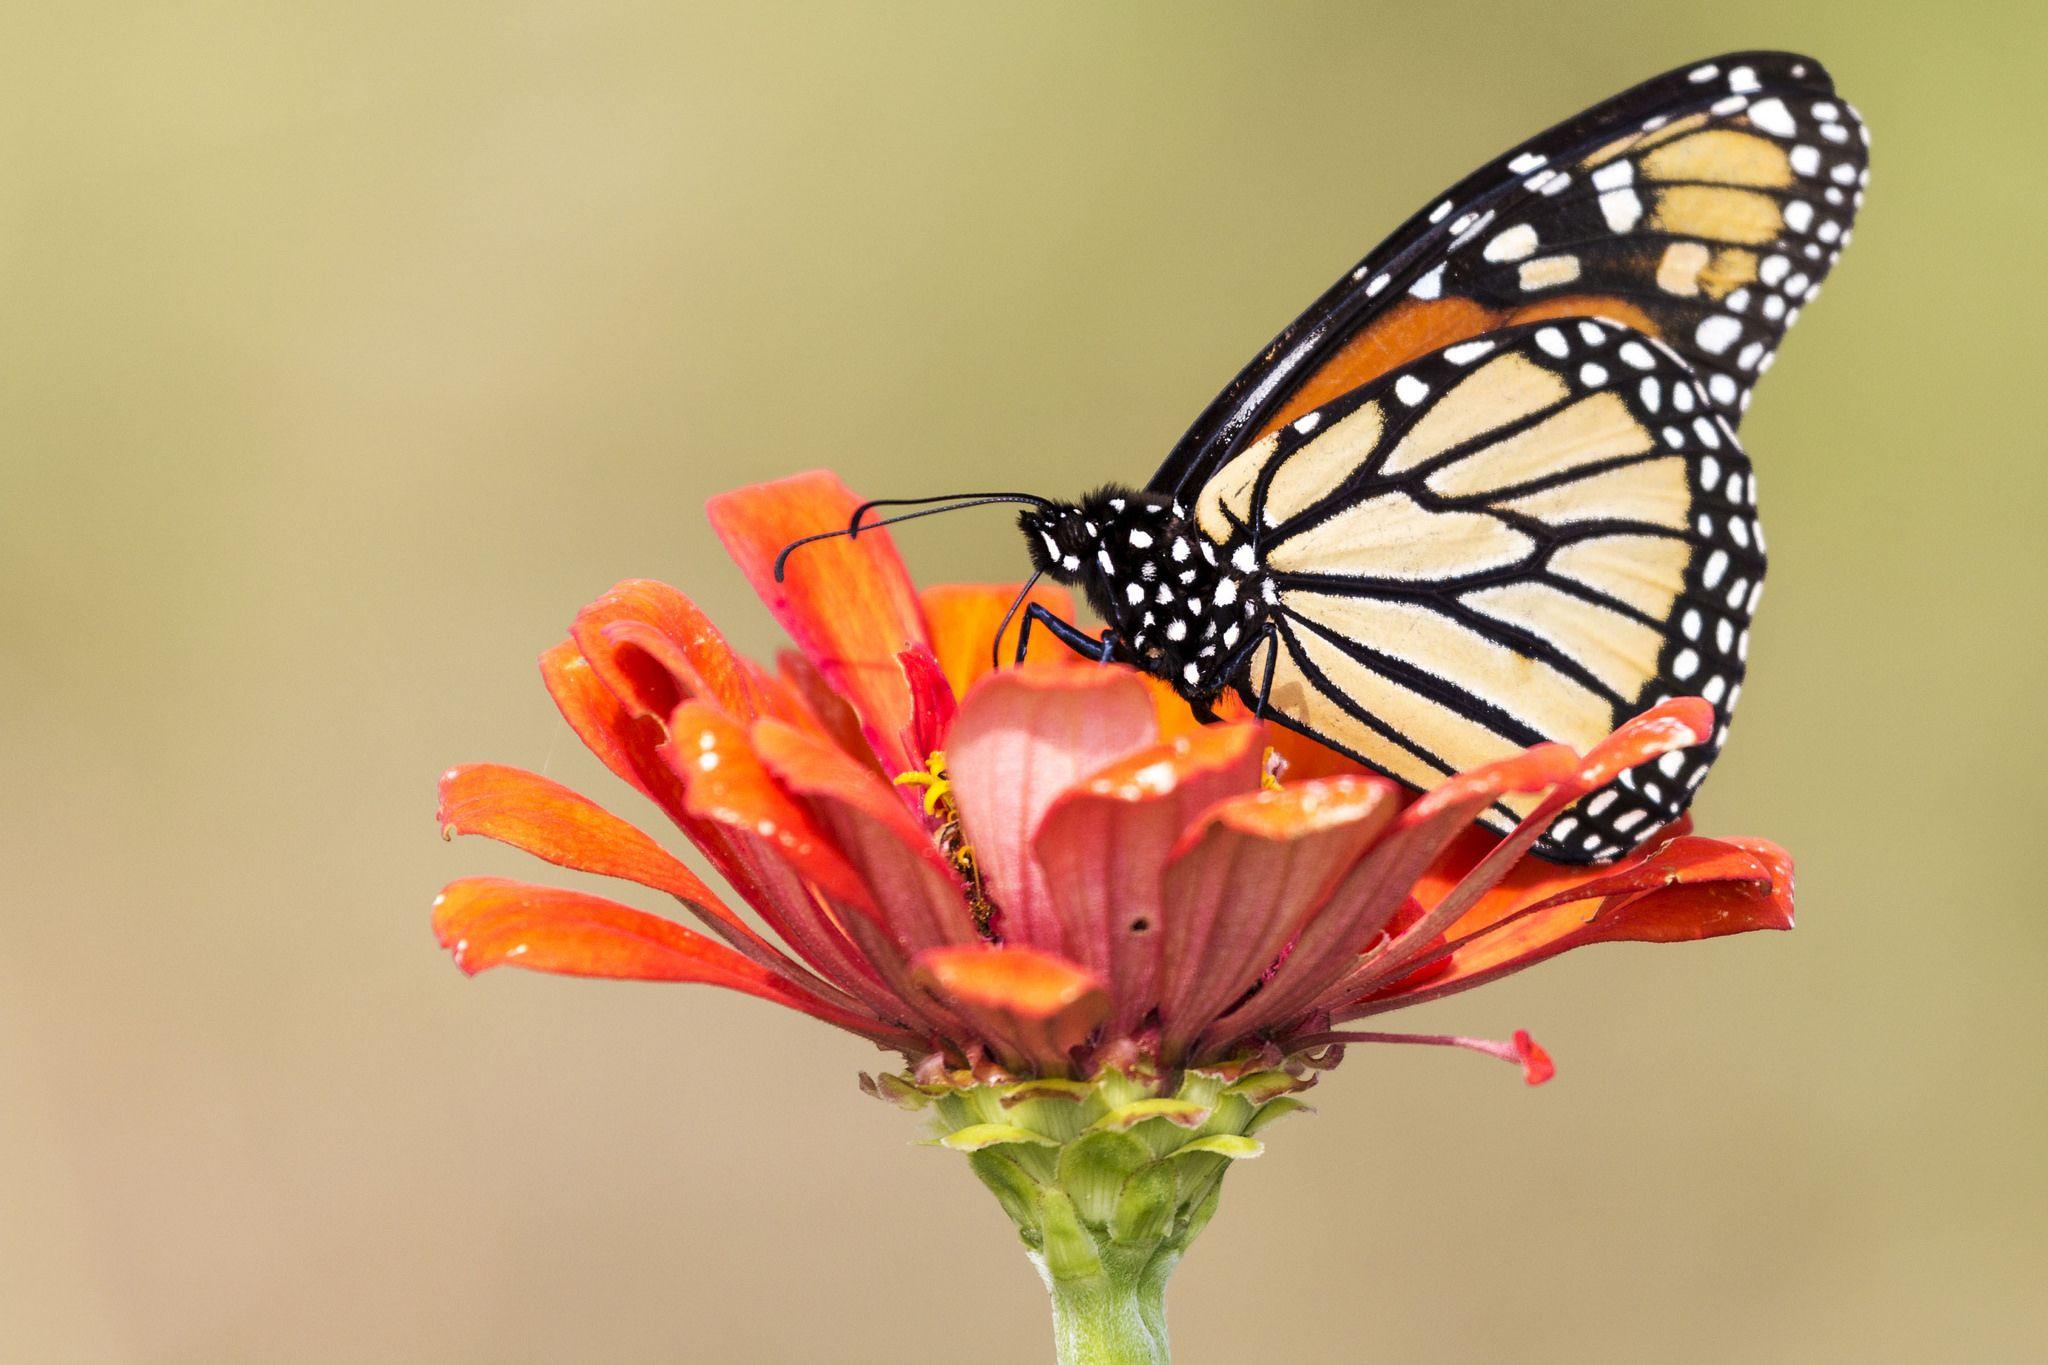 monarch-butterfly-on-orange-flower.jpg (2048×1365)